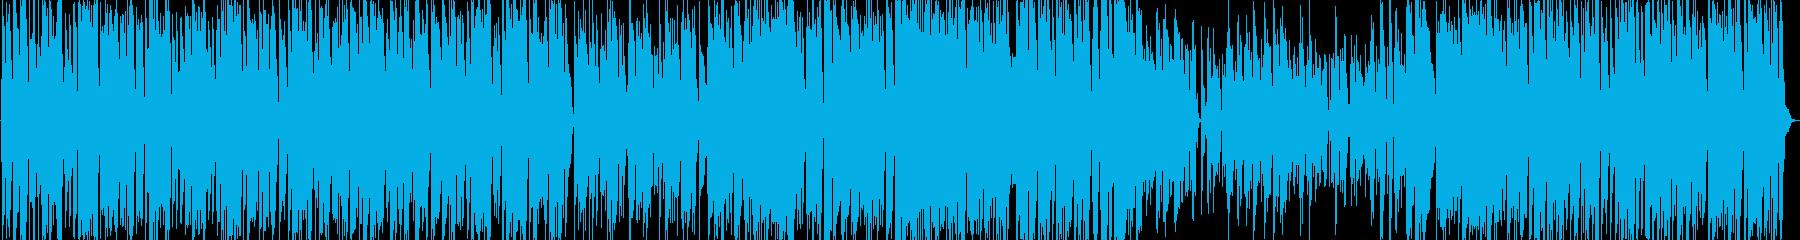 ボサノバ風ピアノトリオ(スタンダード)の再生済みの波形